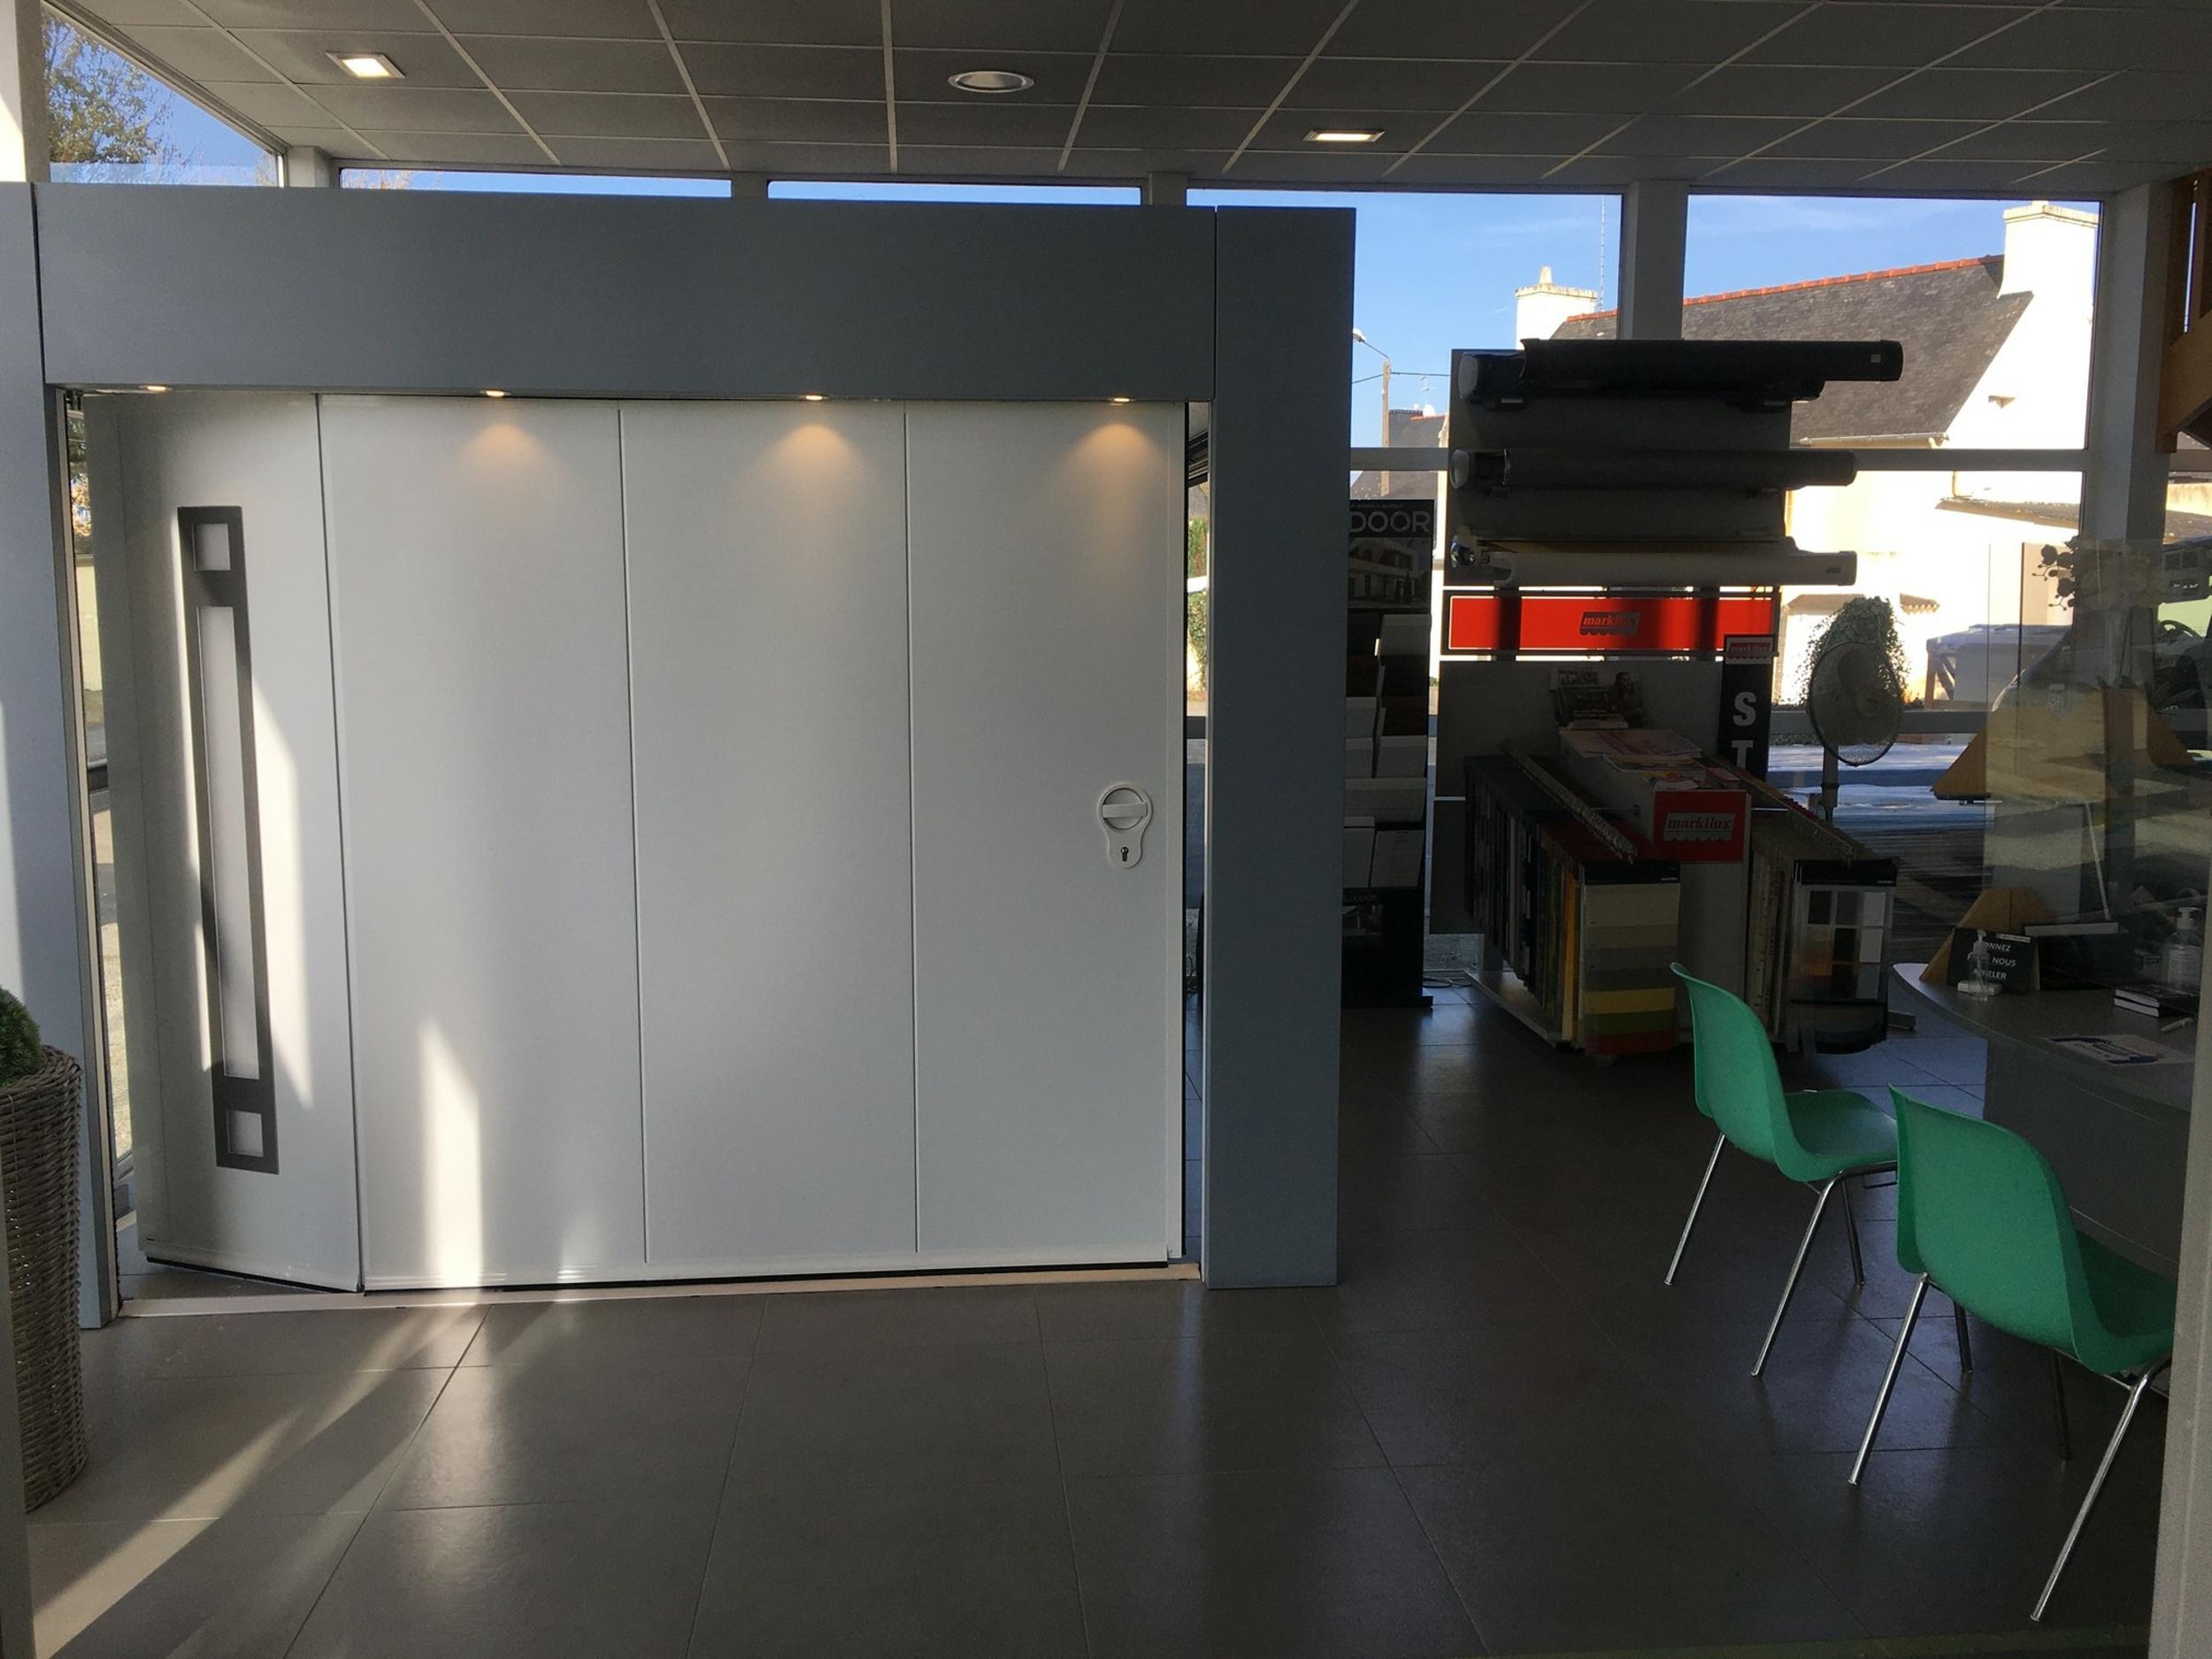 Porte de garage alu - ouverture sectionnelle latérale